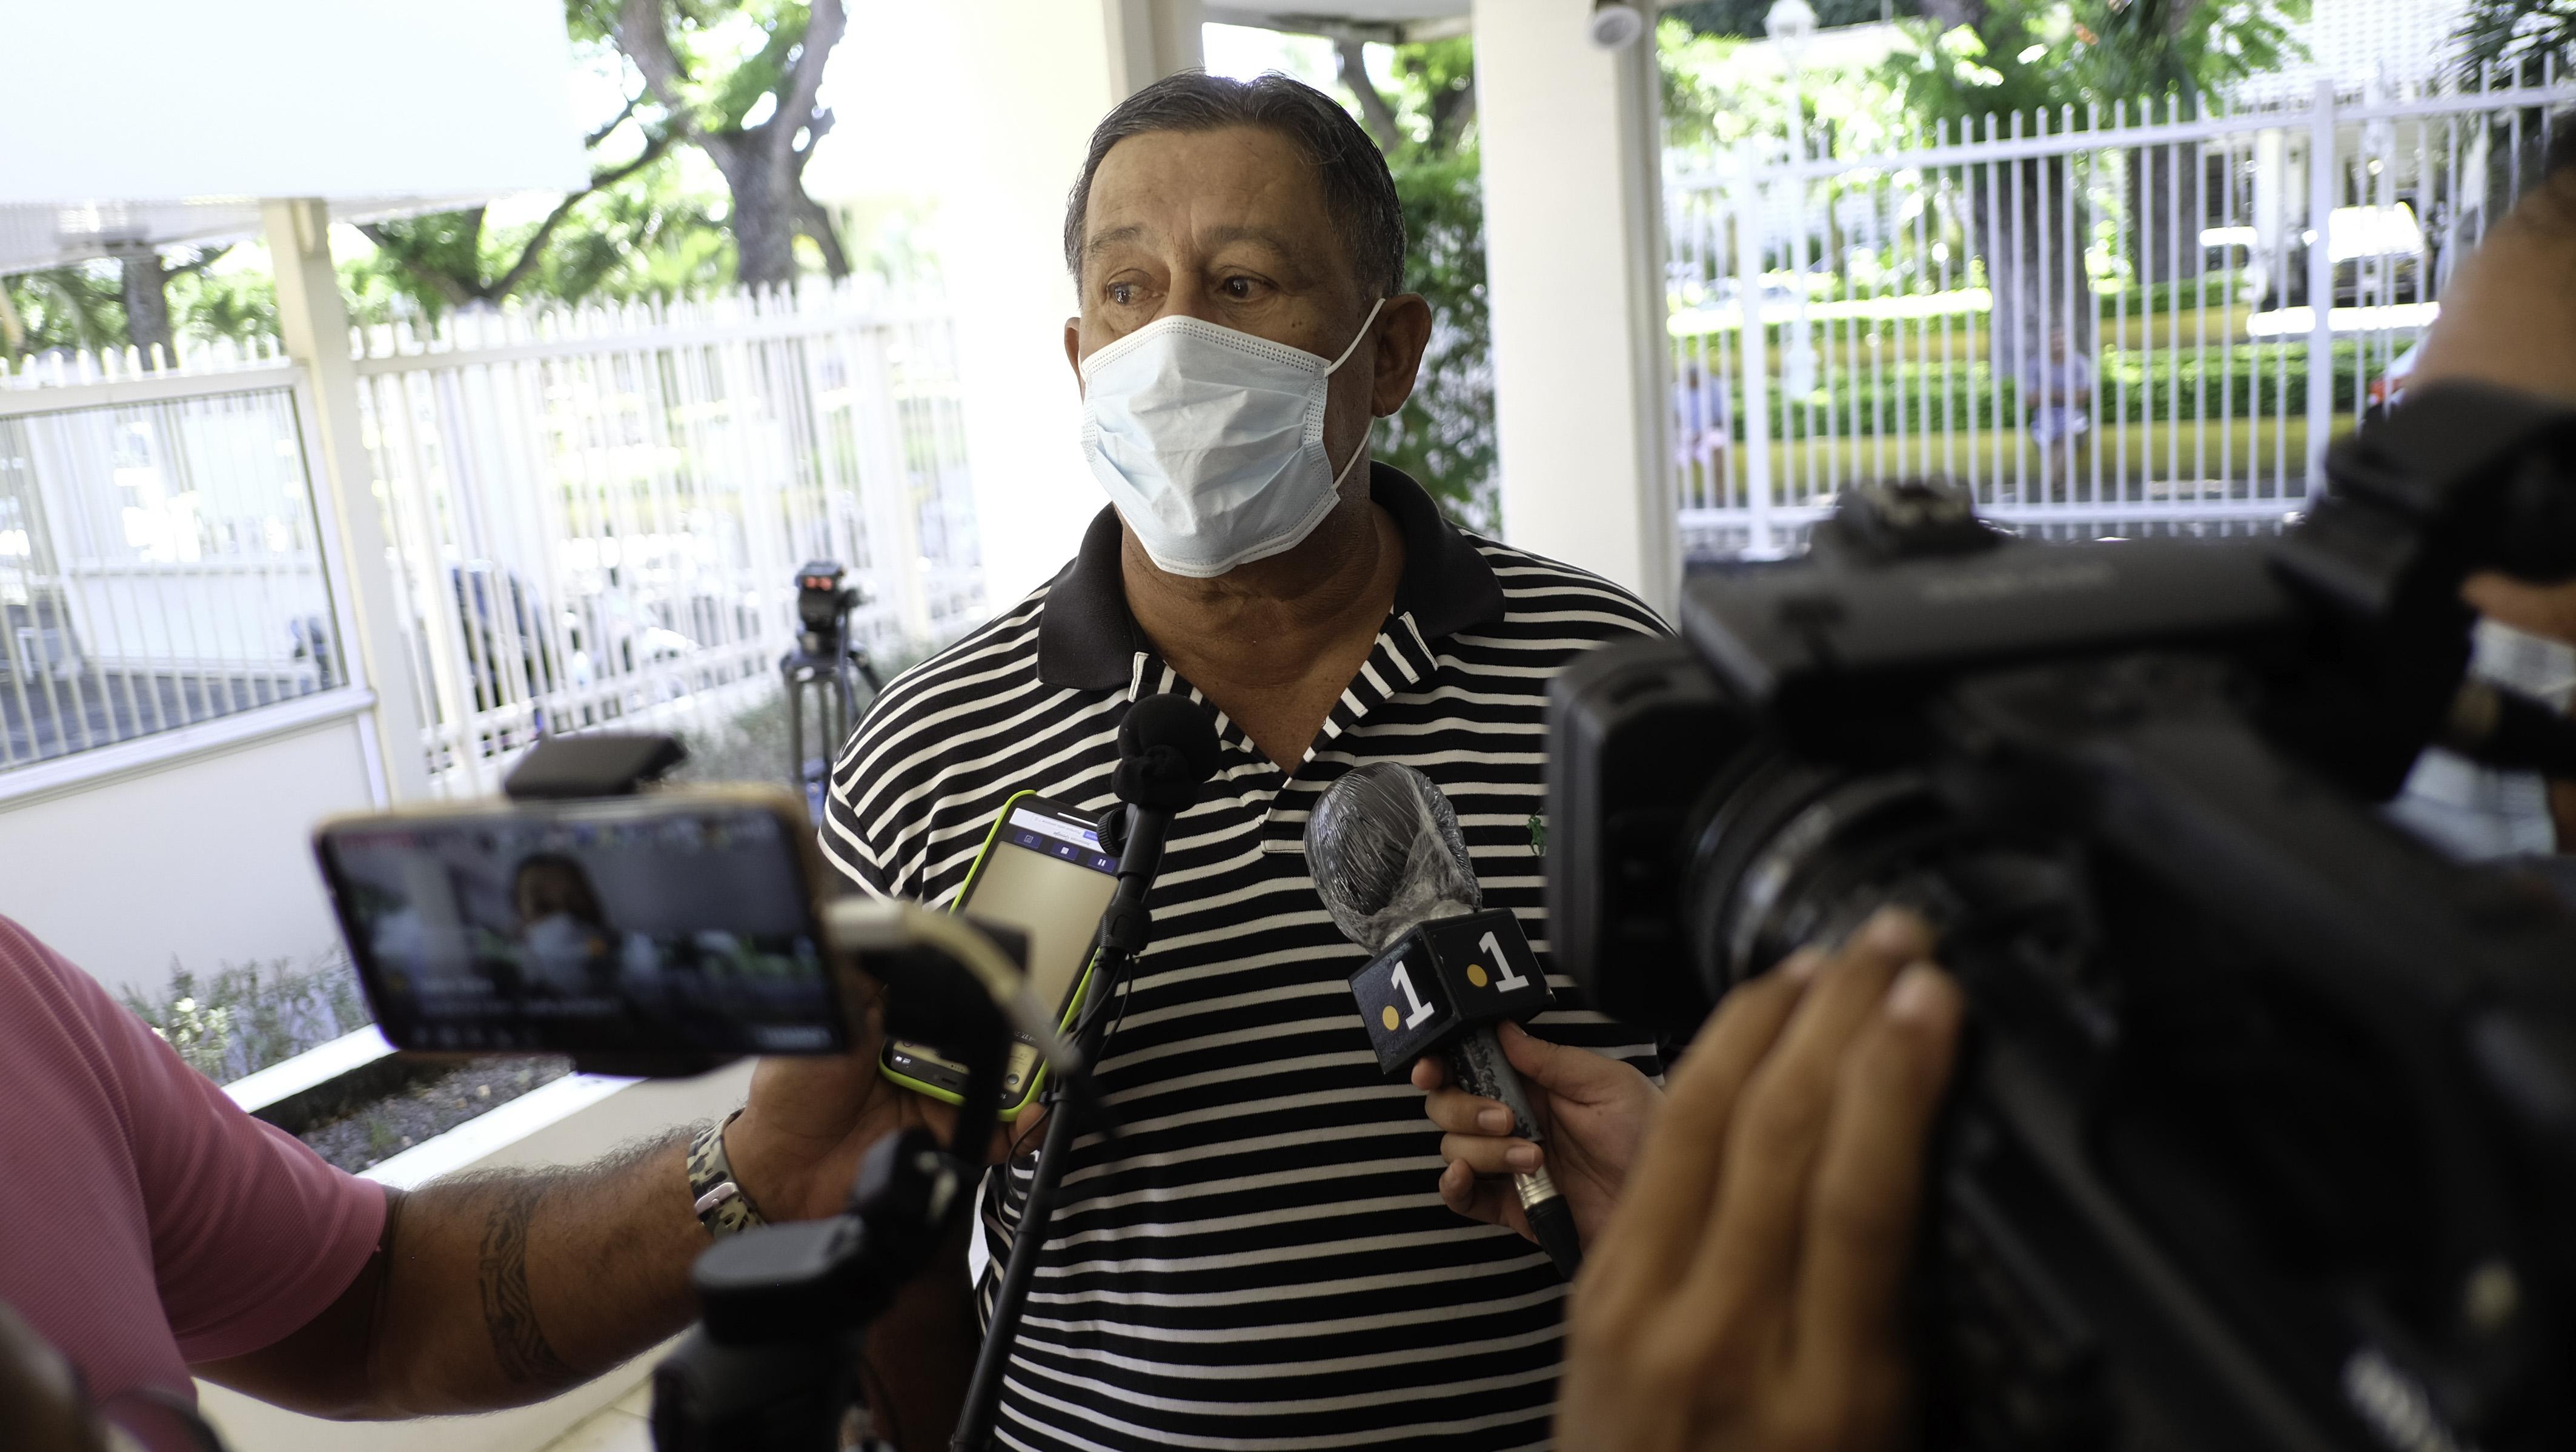 Inéligibilité requise contre Dauphin Domingo à Tiarei